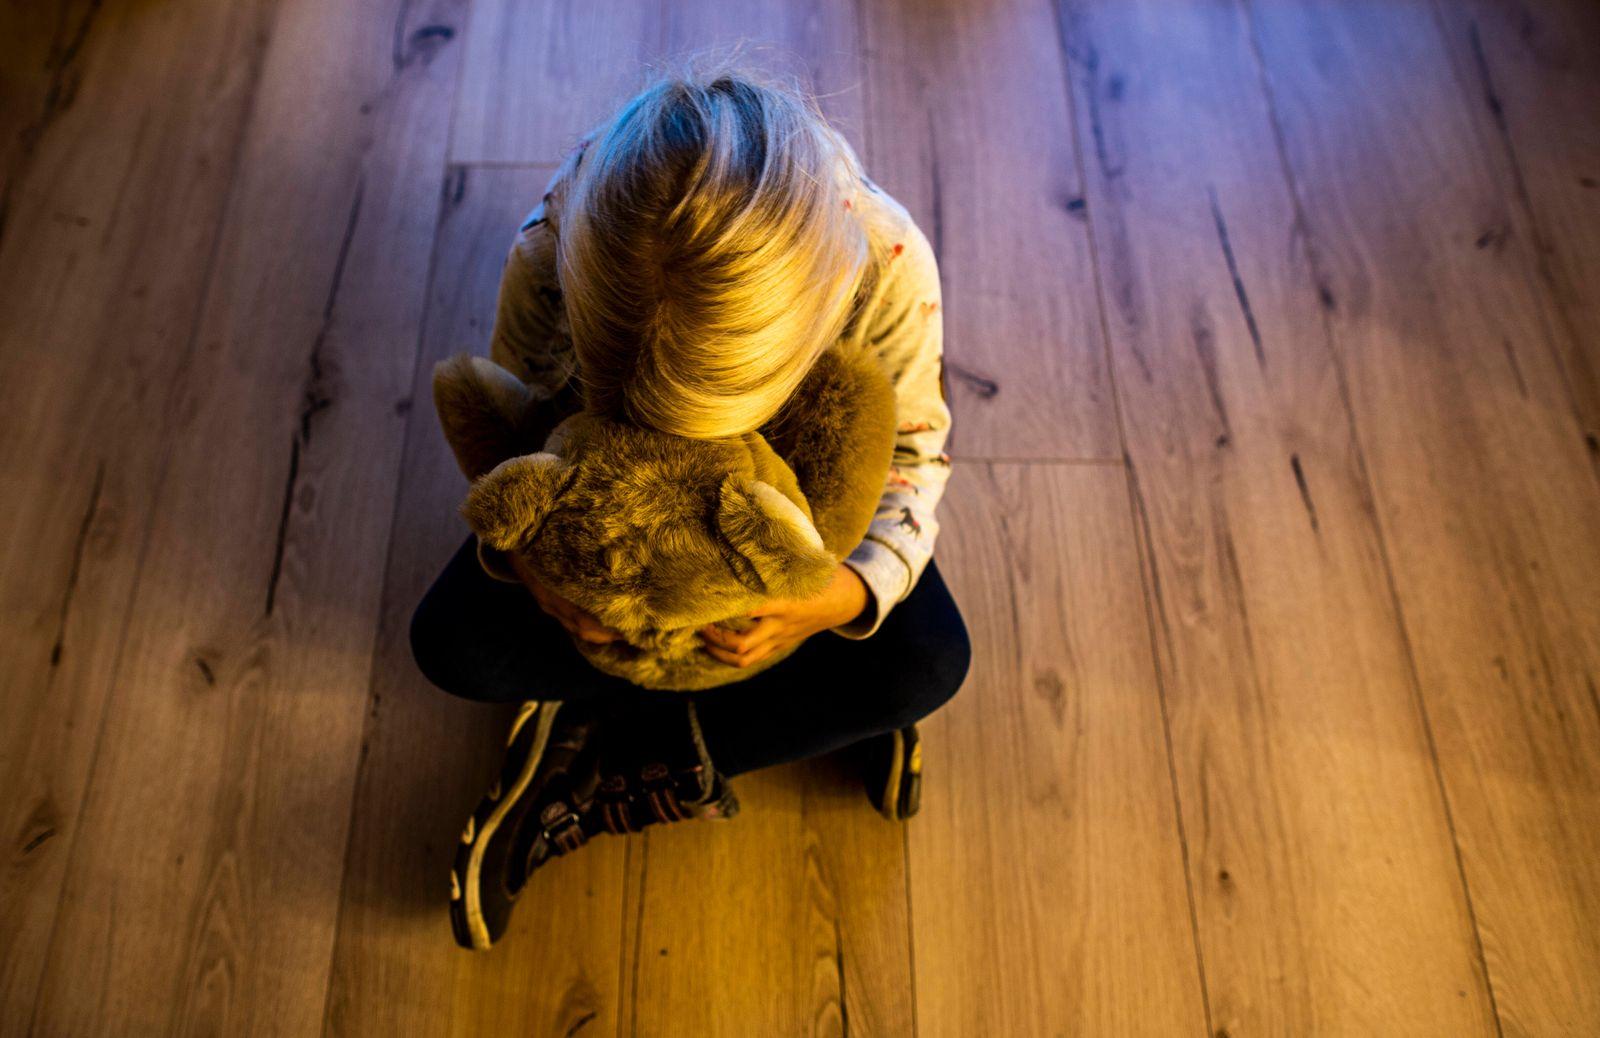 Kindesmissbrauch Gesellschaft: Familie, Kriminalit?t, Kindesmissbrauch: Ein M?dchen versteckt ihr Gesicht in einem Teddy